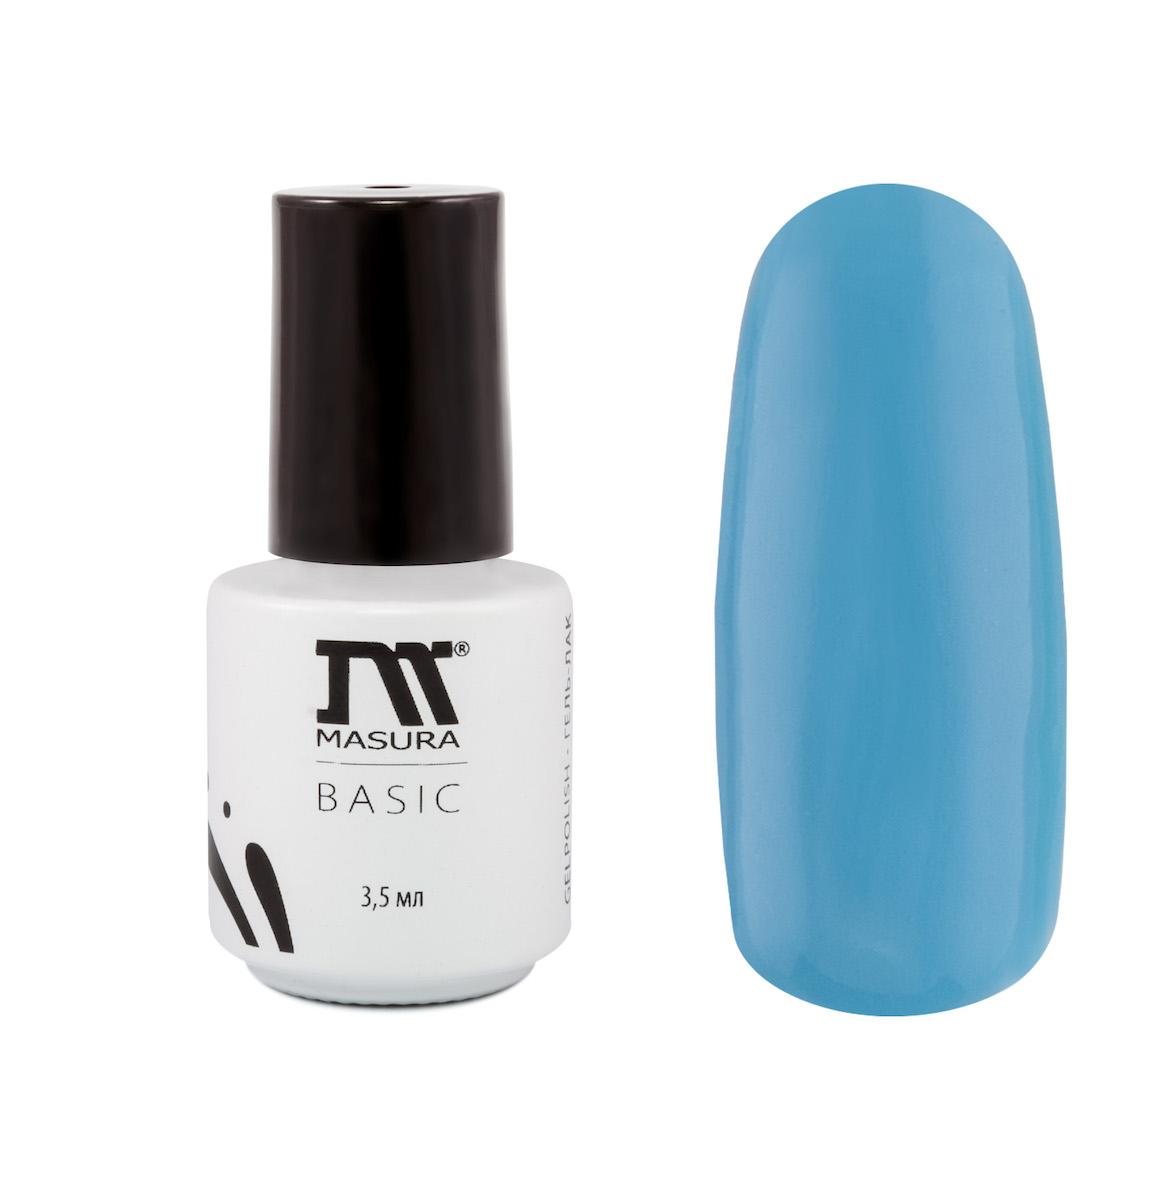 Masura Гель-лак BASIC Мечты сбываются 3,5 мл1301210Небесно-голубой, без блесток и перламутра, плотный